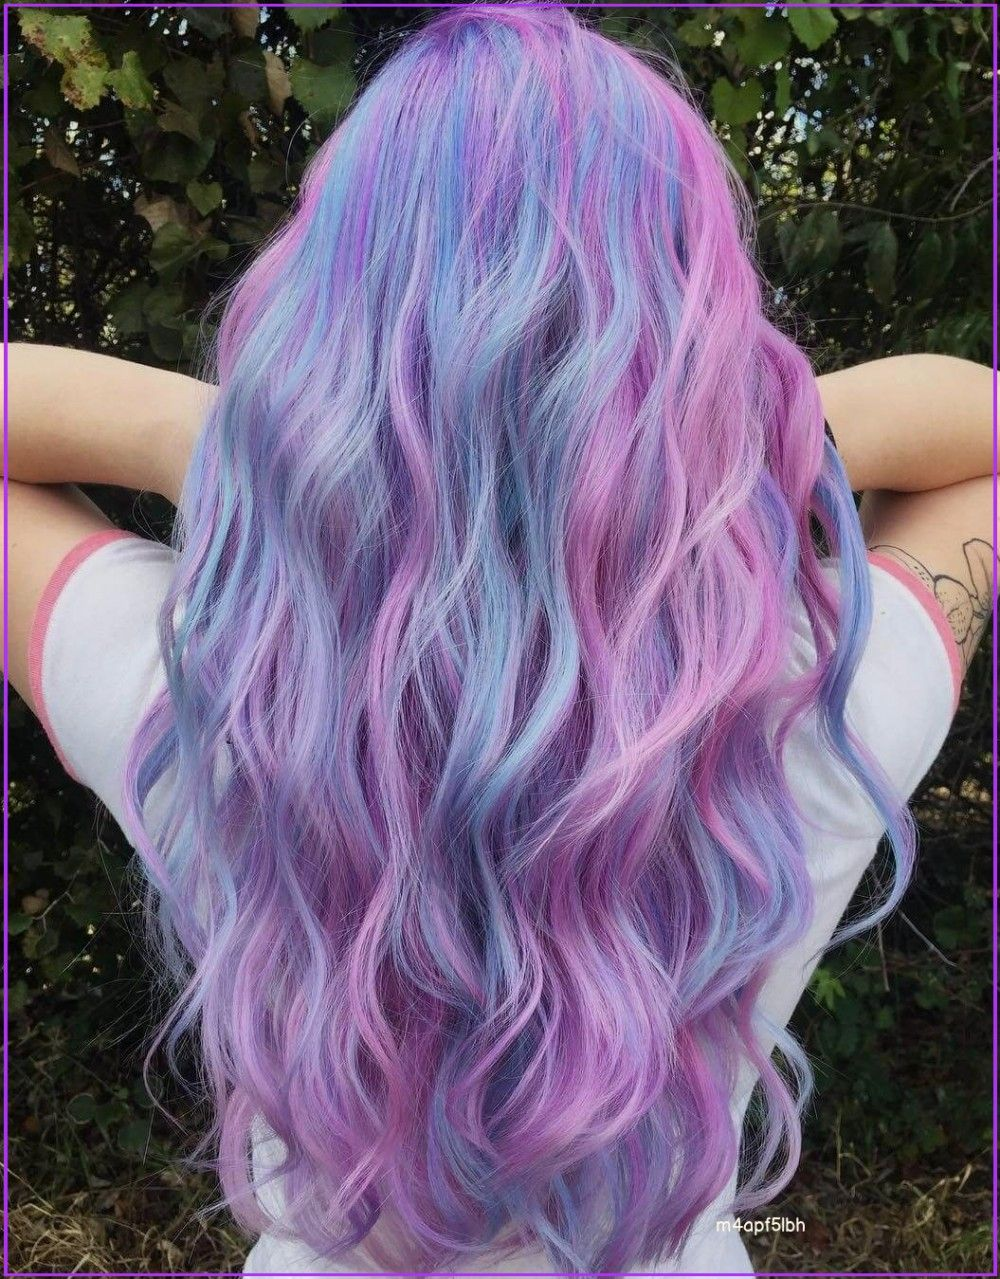 32 Cute Dyed Haircuts To Try Right Now En 2020 Ideas De Cabello Tenido Coloracion De Cabello Color De Cabello Unicornio